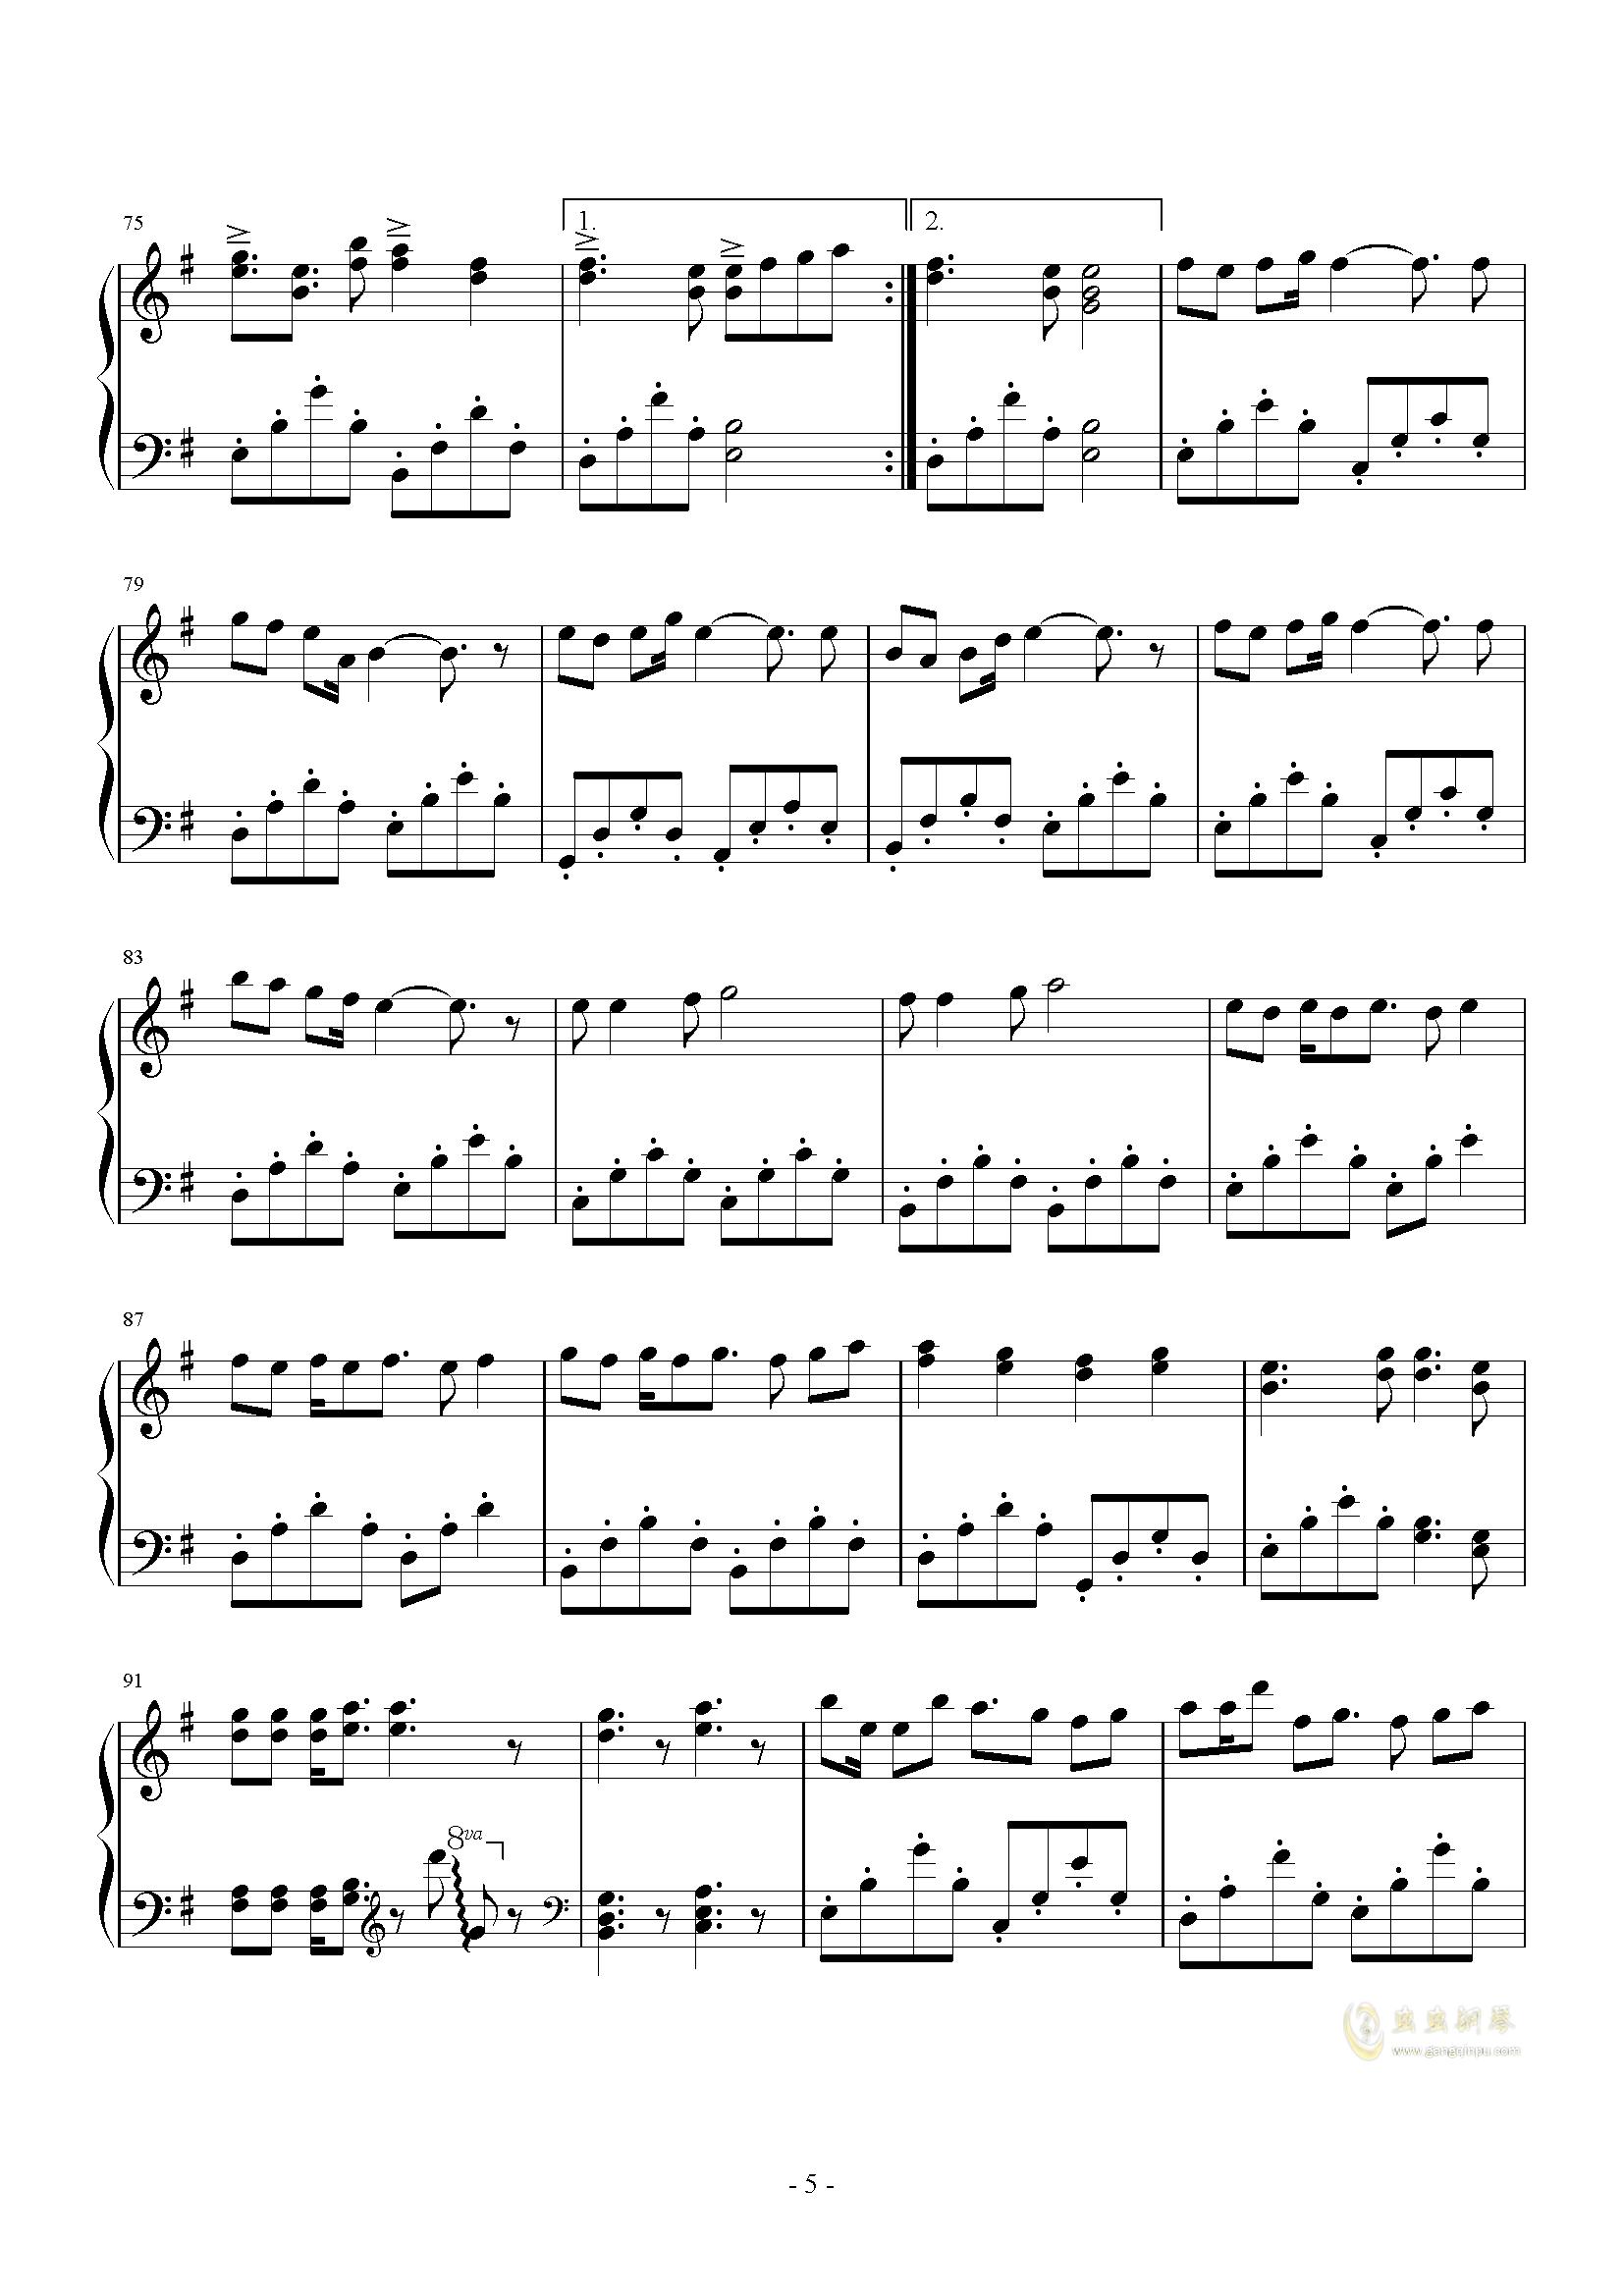 reart钢琴谱-初音未来-虫虫钢琴谱免费下载